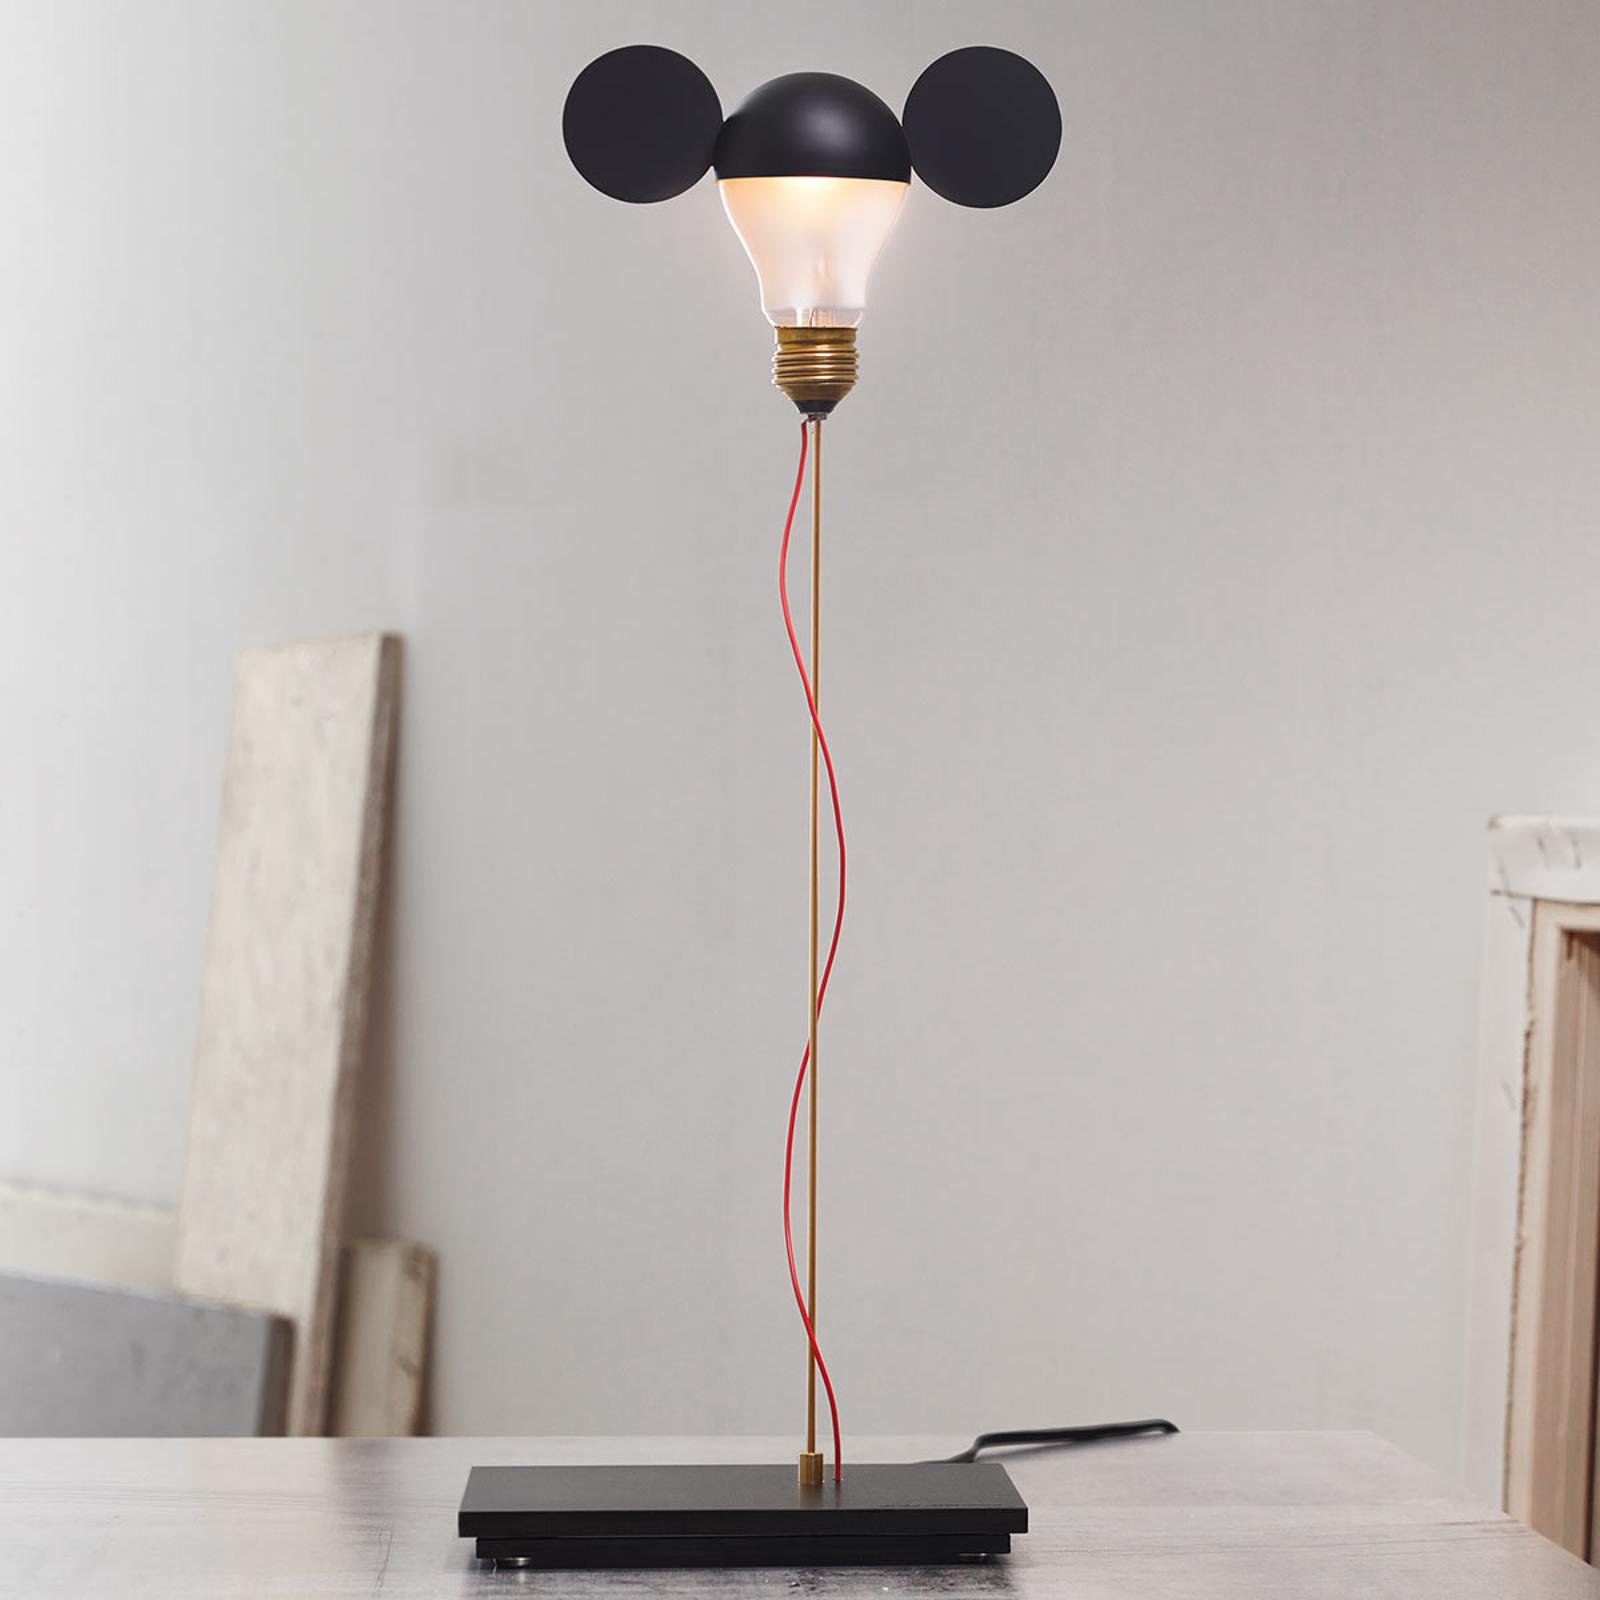 Acquista I Ricchi Poveri Toto Lampada Da Tavolo Design Lampade It